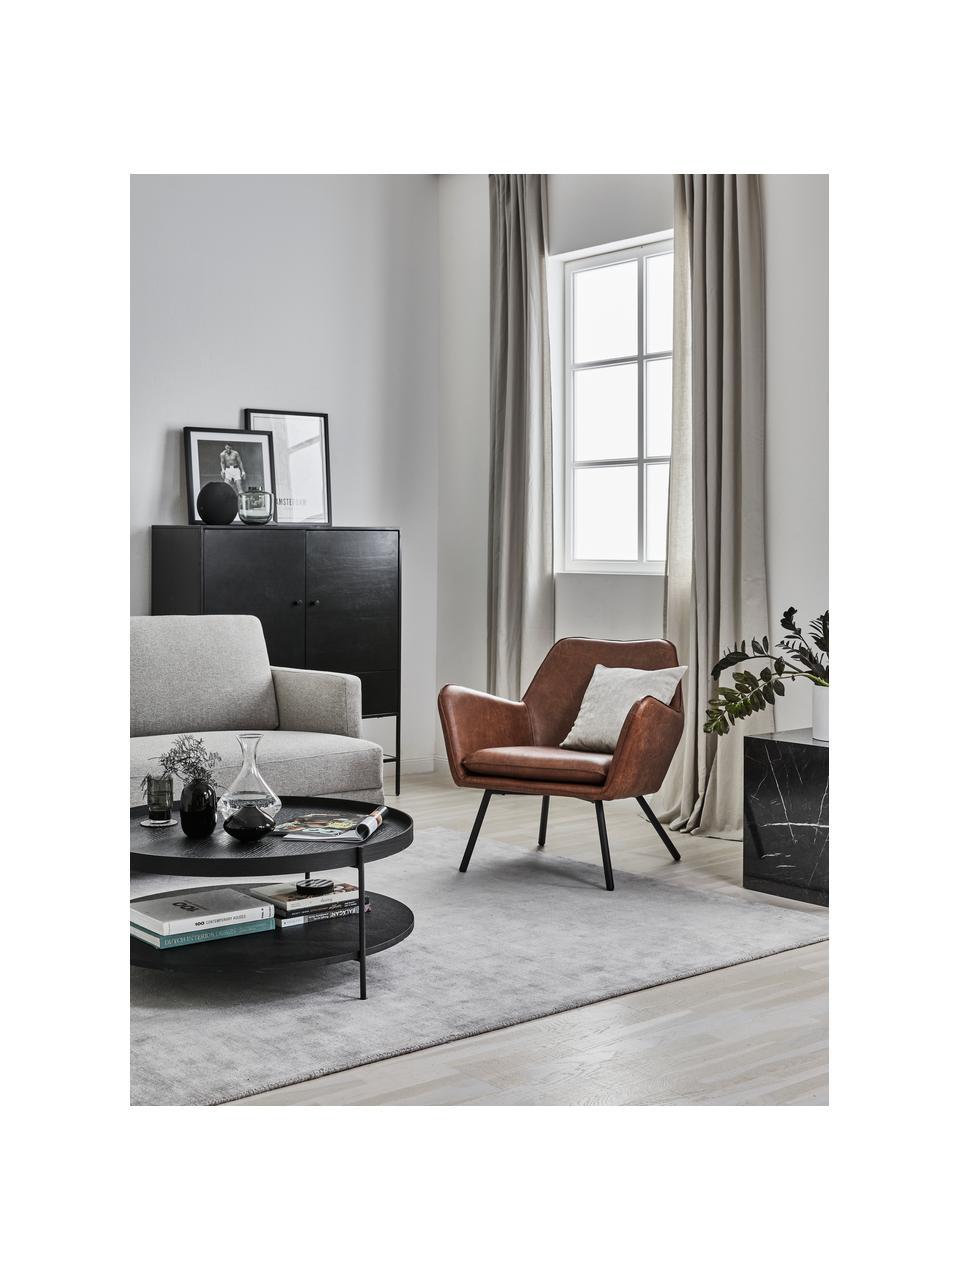 Fotel wypoczynkowy ze sztucznej skóry  Bon, Tapicerka: sztuczna skóra (64% poliu, Nogi: metal lakierowany, Sztuczna, skóra brązowy, S 80 x G 76 cm